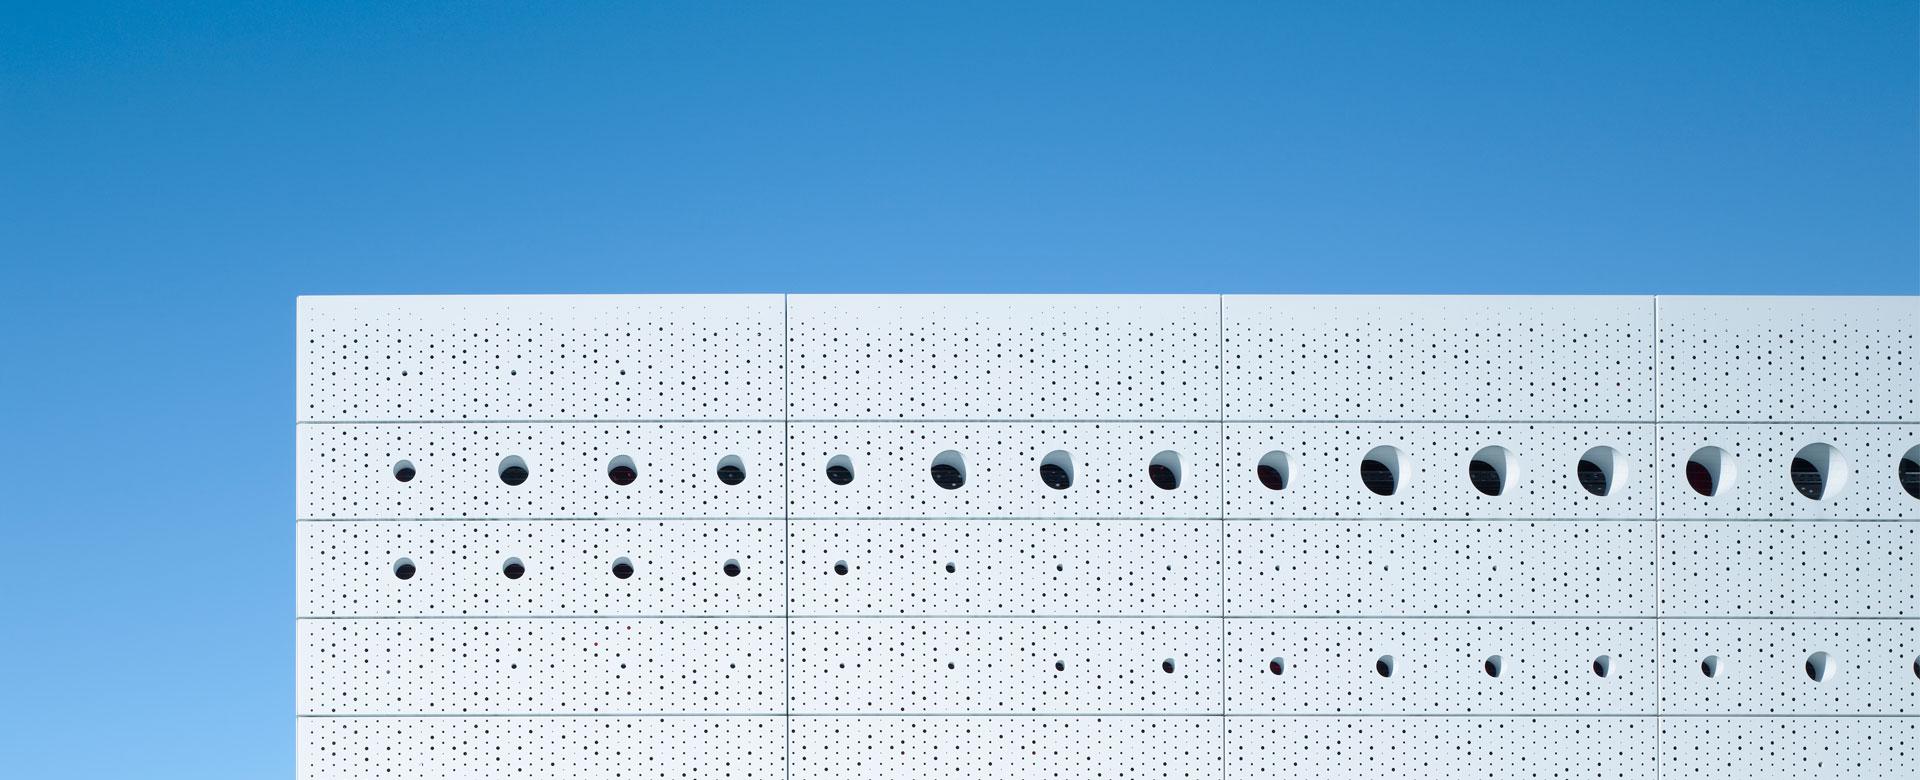 Duraflon Referenz envihab in Köln von Glass Kramer Löbbert und Uta Graff Architekten